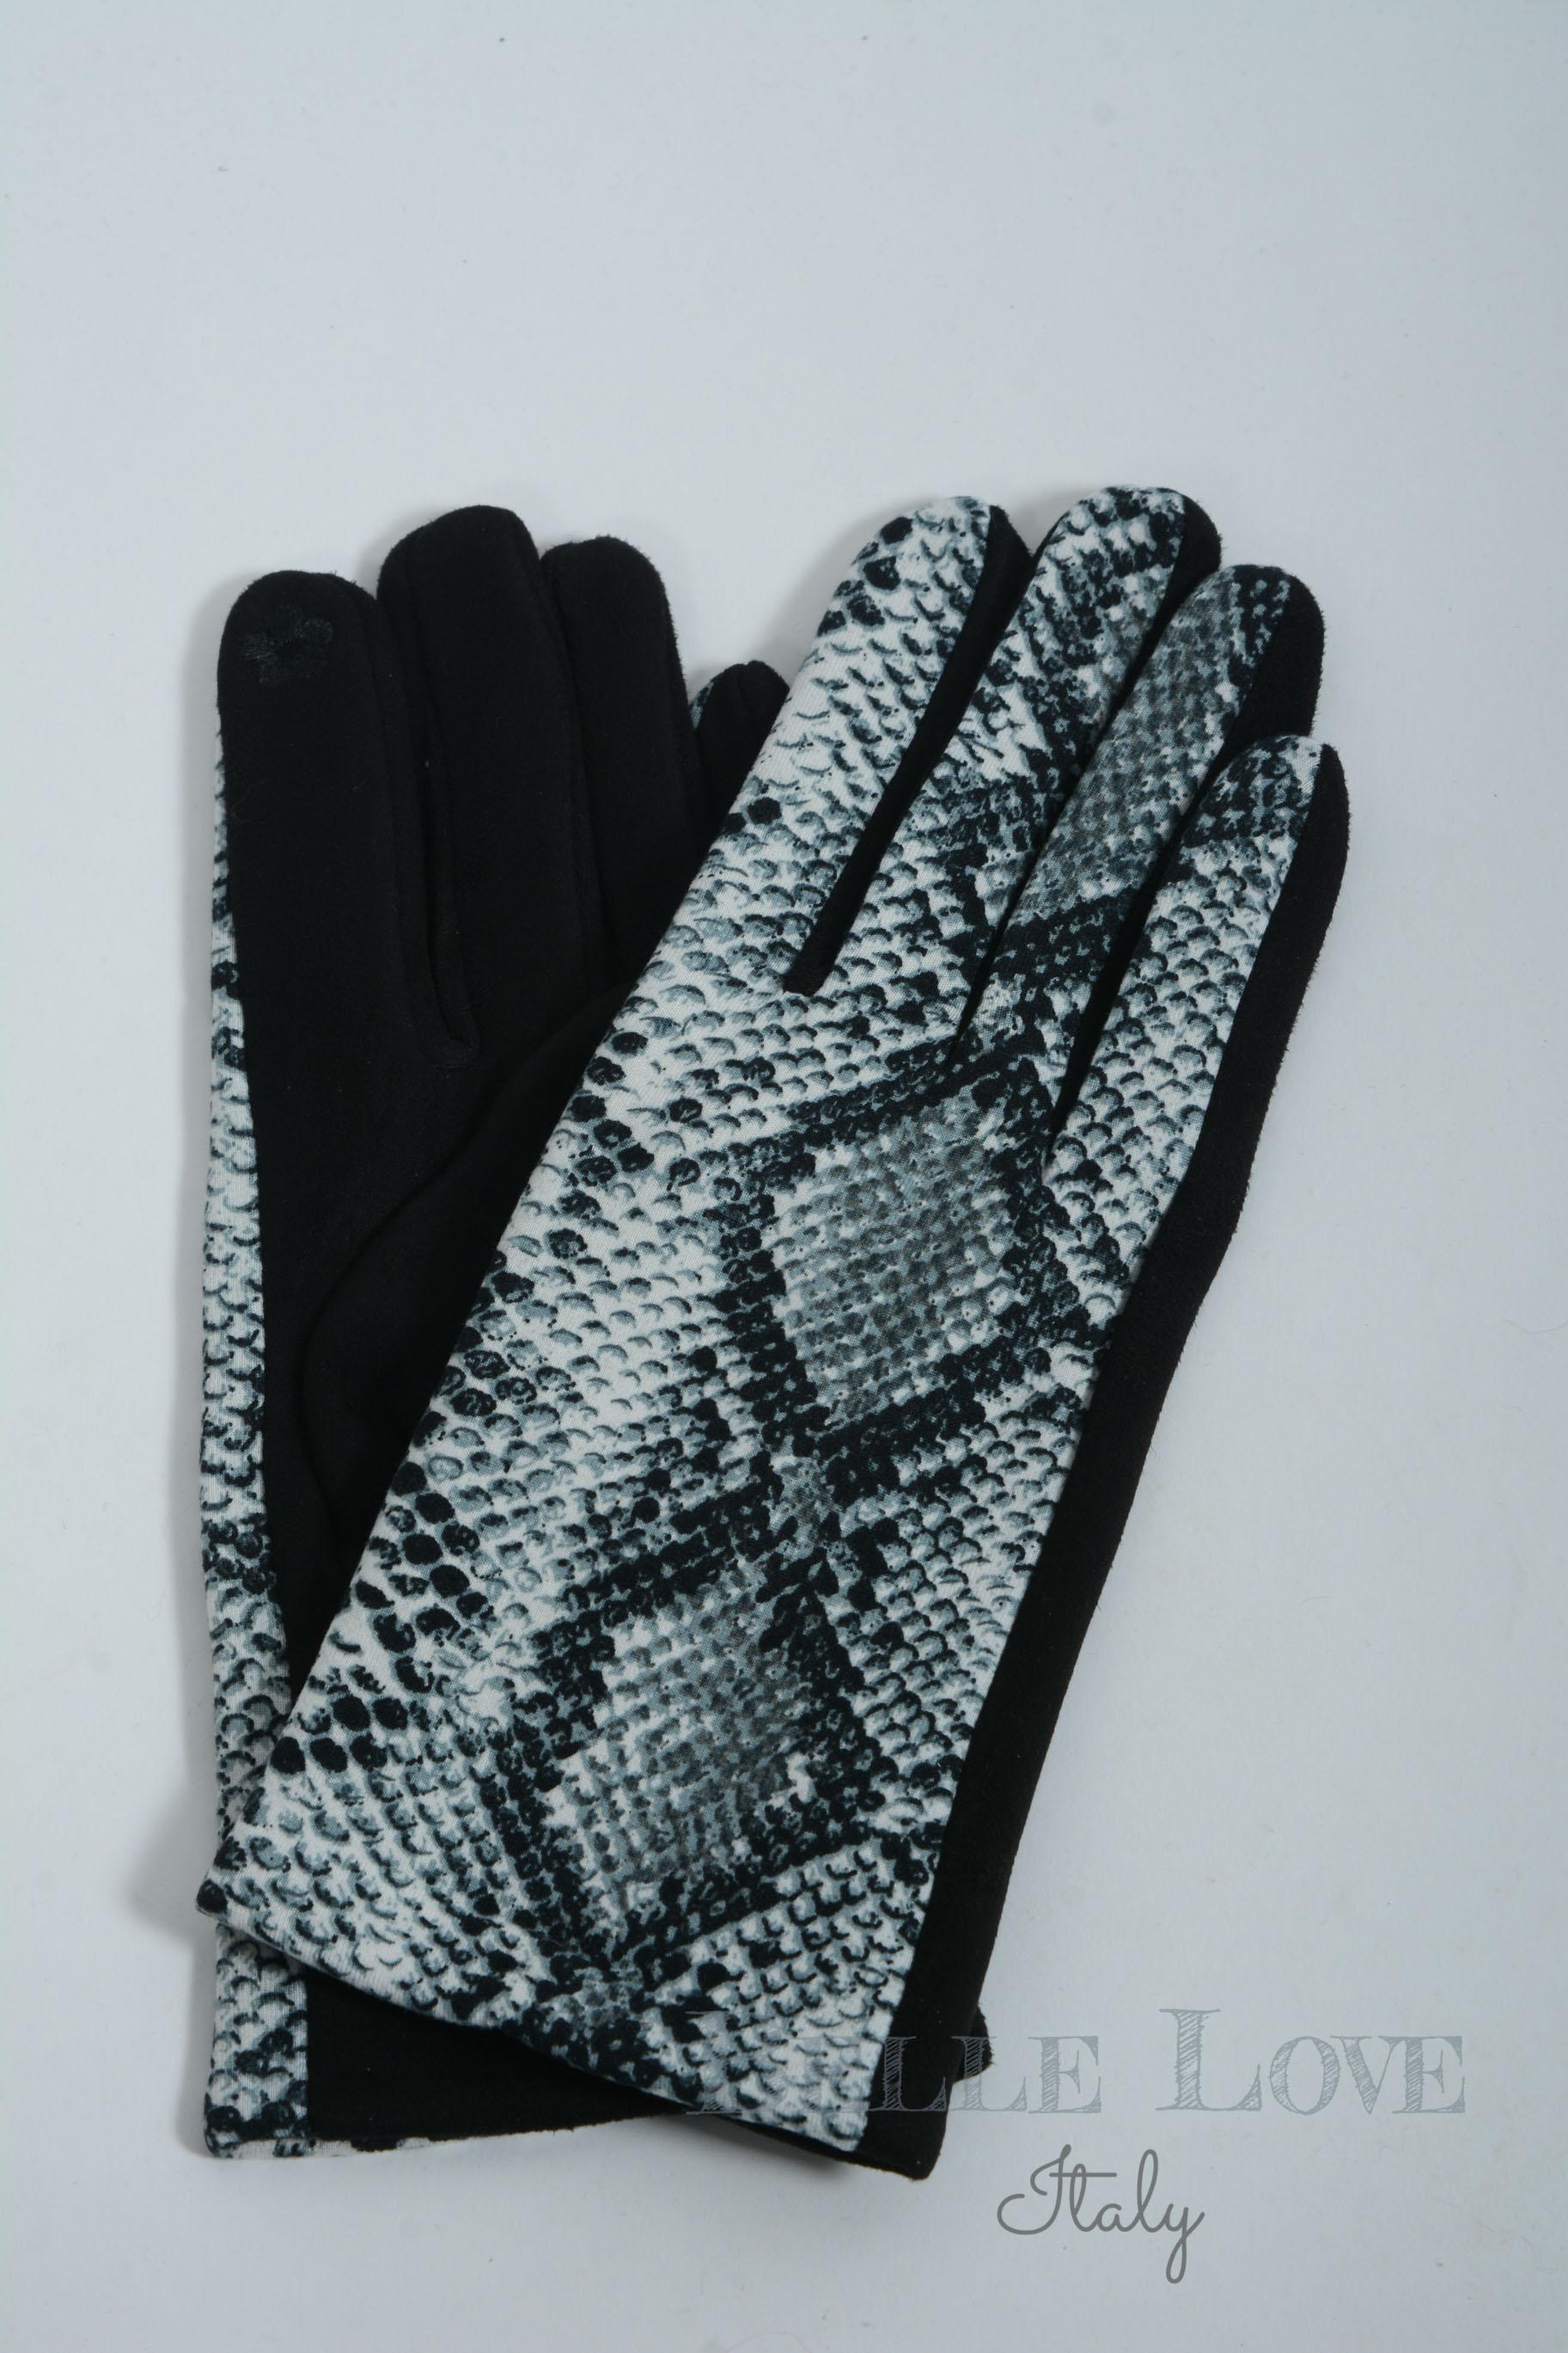 Belle Love Italy Ivana Snakeskin Gloves